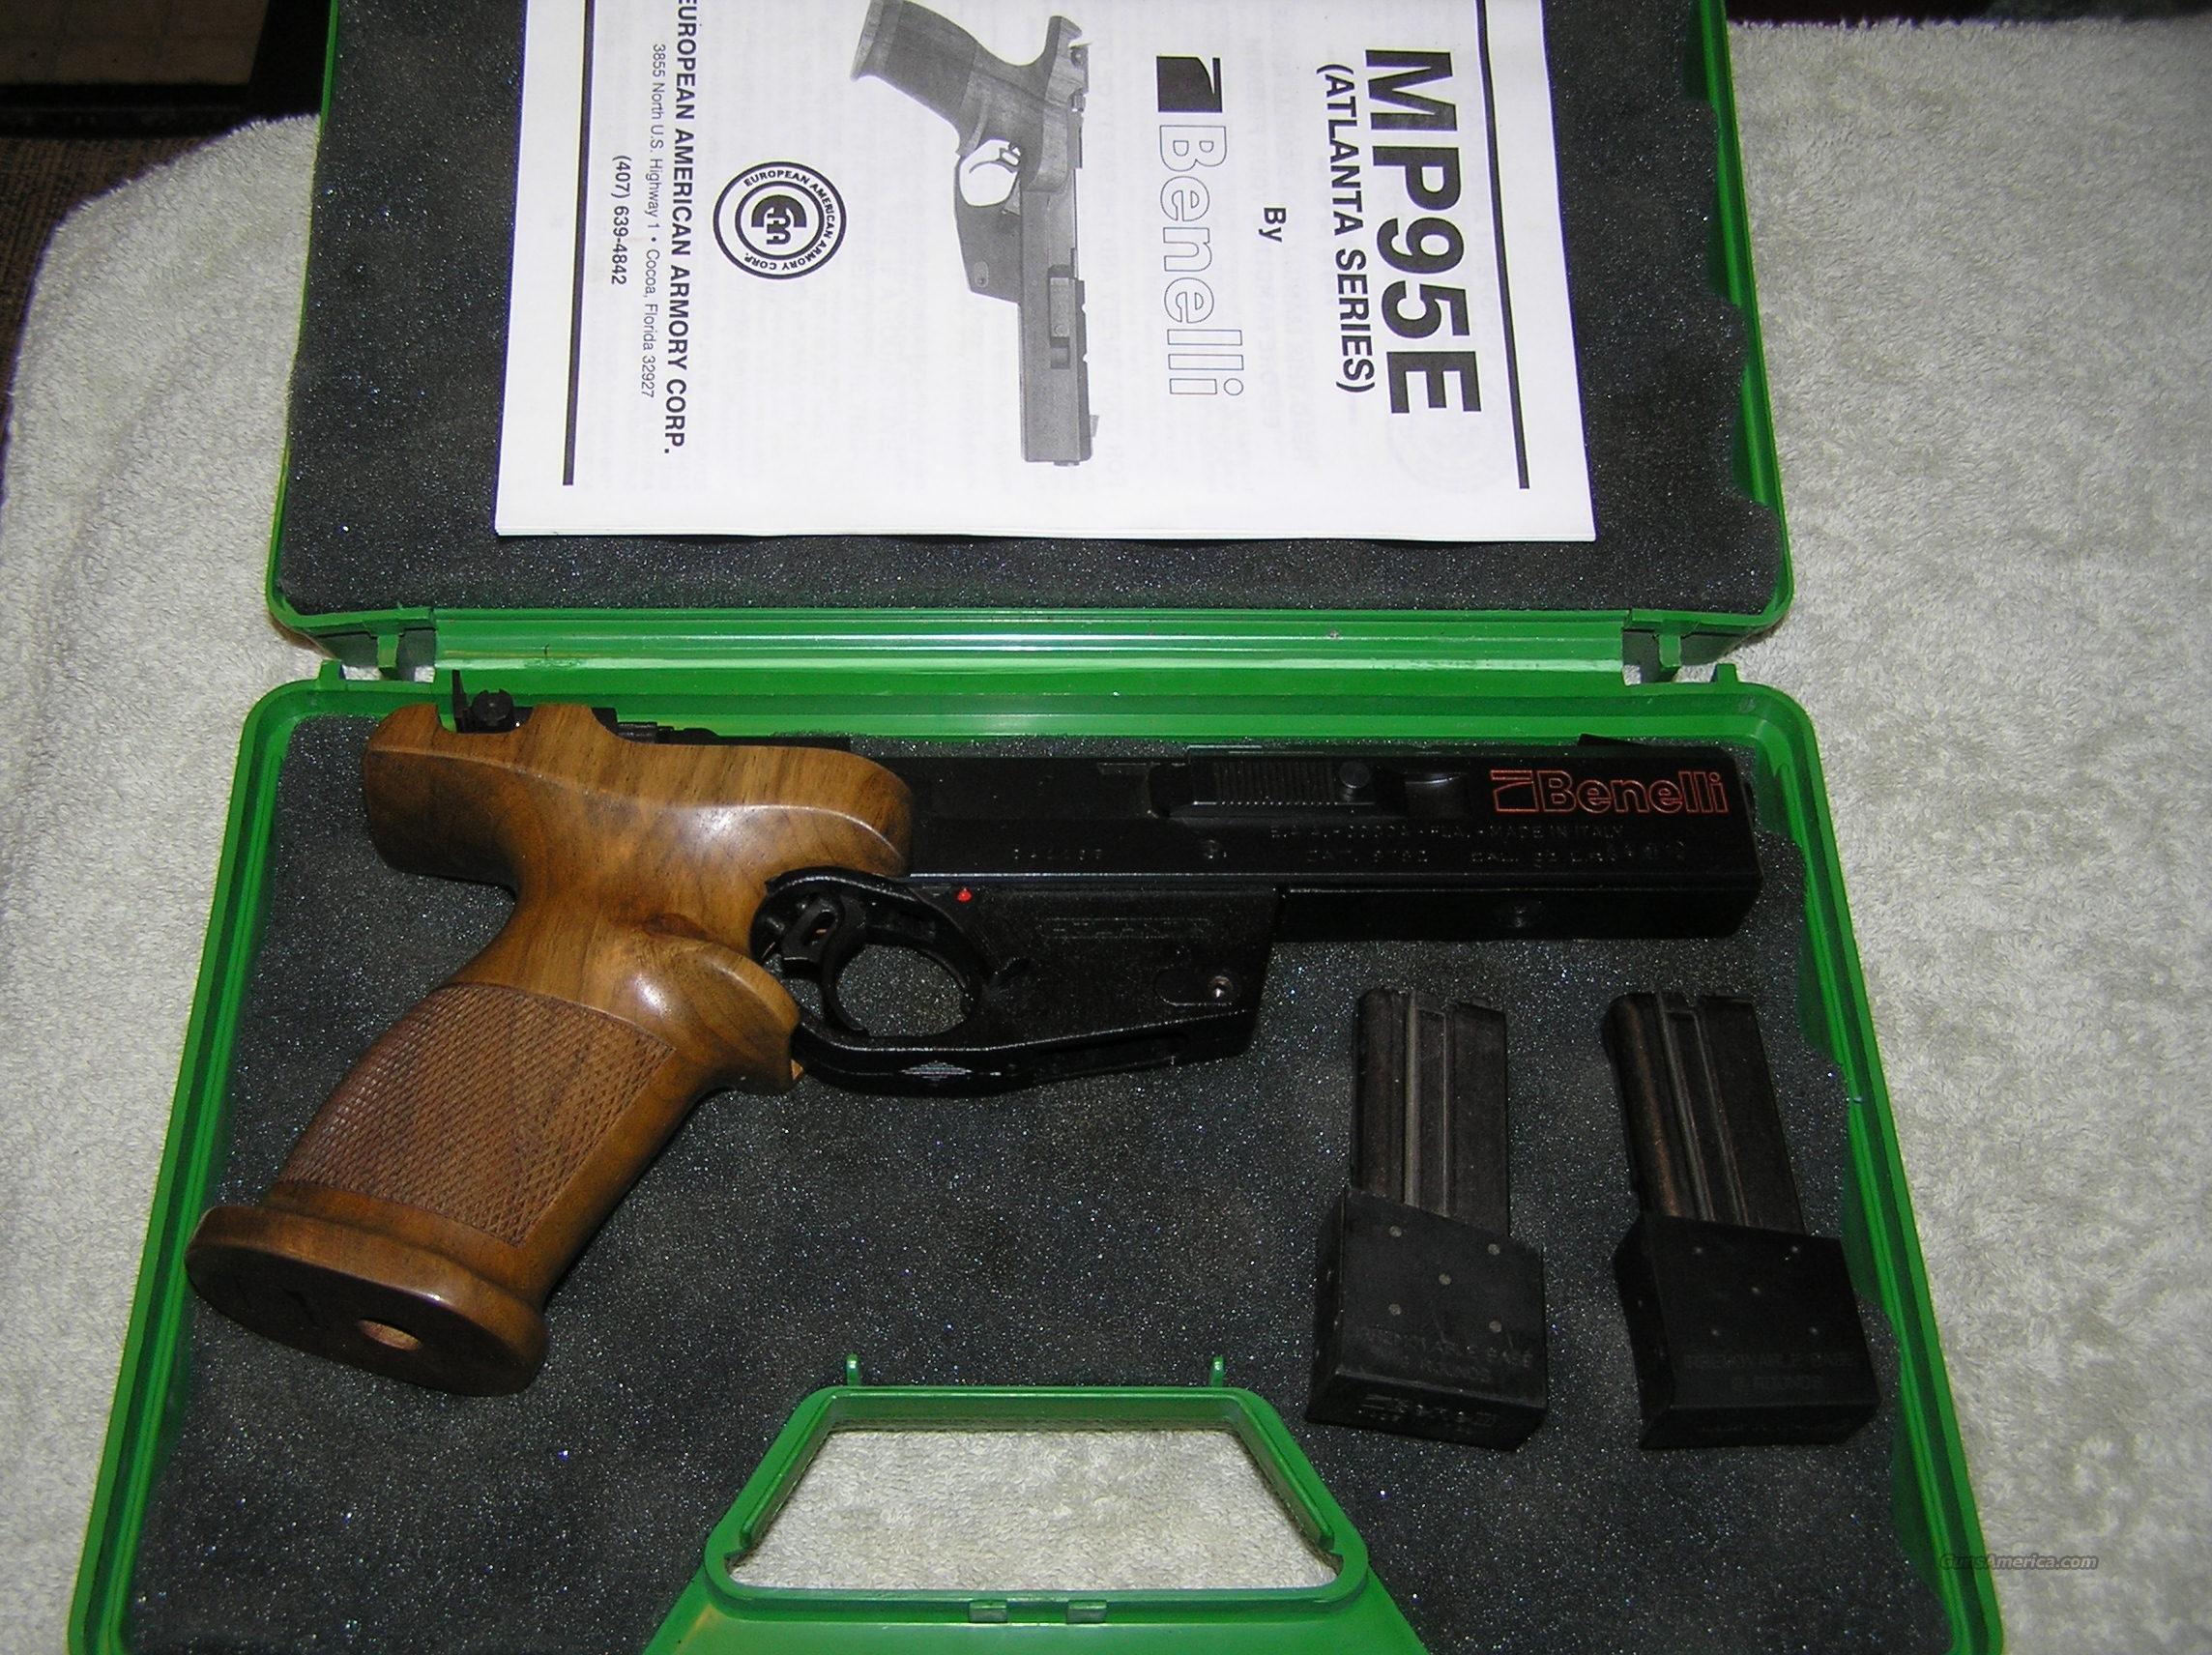 Benelli mp95e atlanta series rimfire guns gt pistols gt benelli pistols